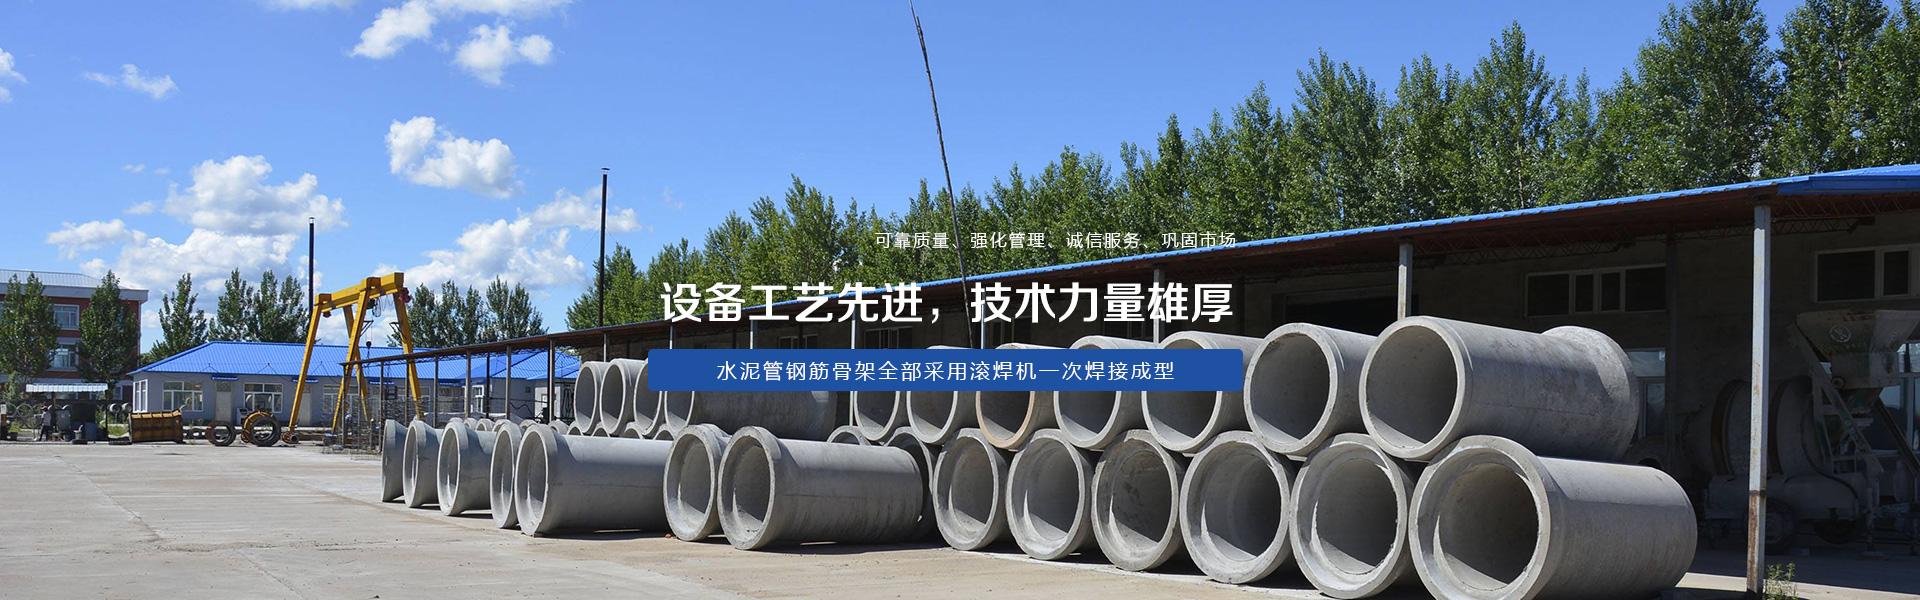 哈尔滨水泥管厂家